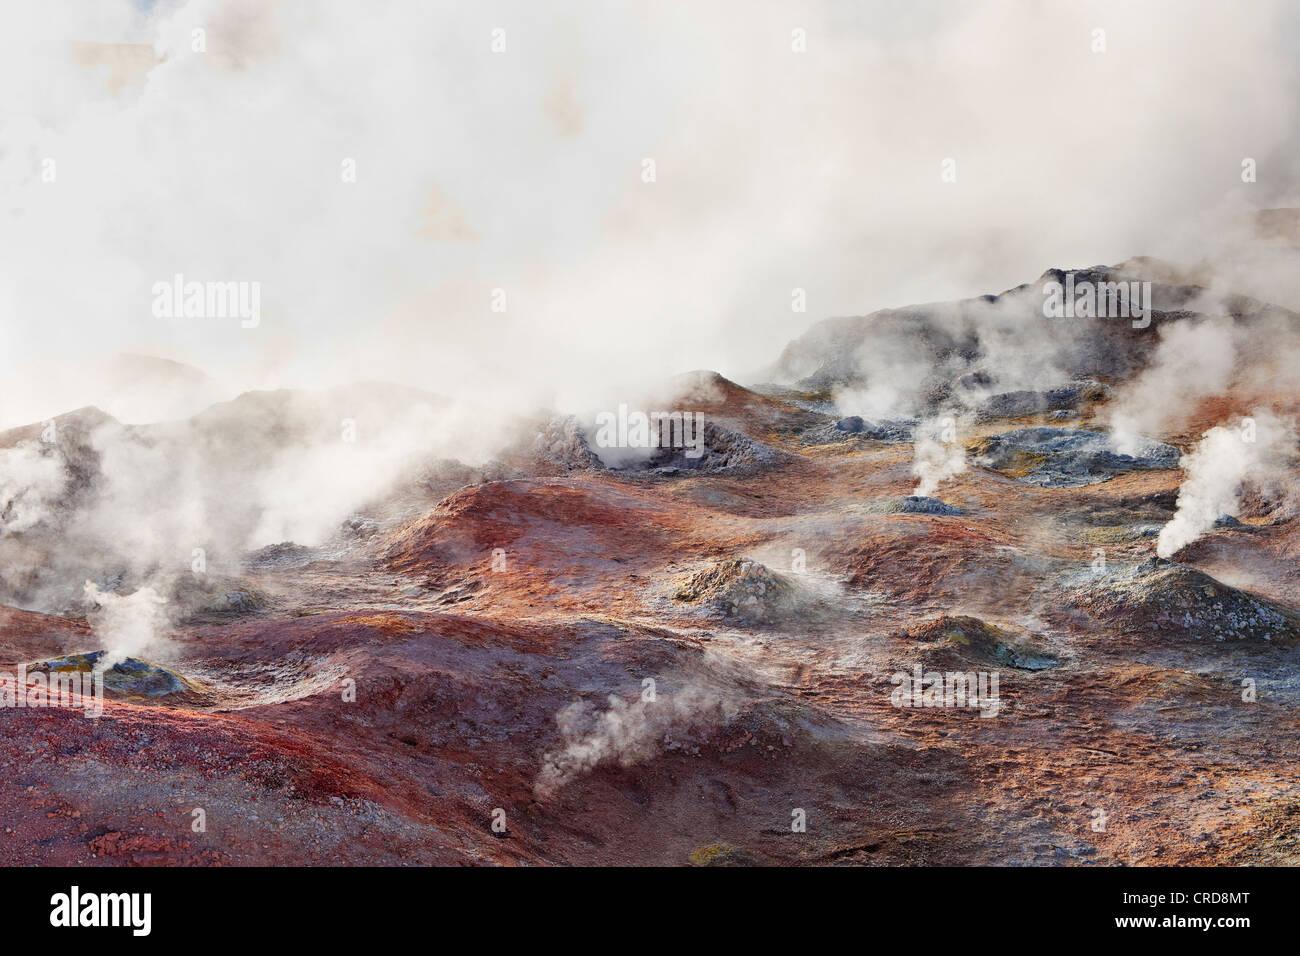 Fumaroles in the Eduardo Avaroa Andean Fauna National Reserve, Potosi, Bolivia - Stock Image